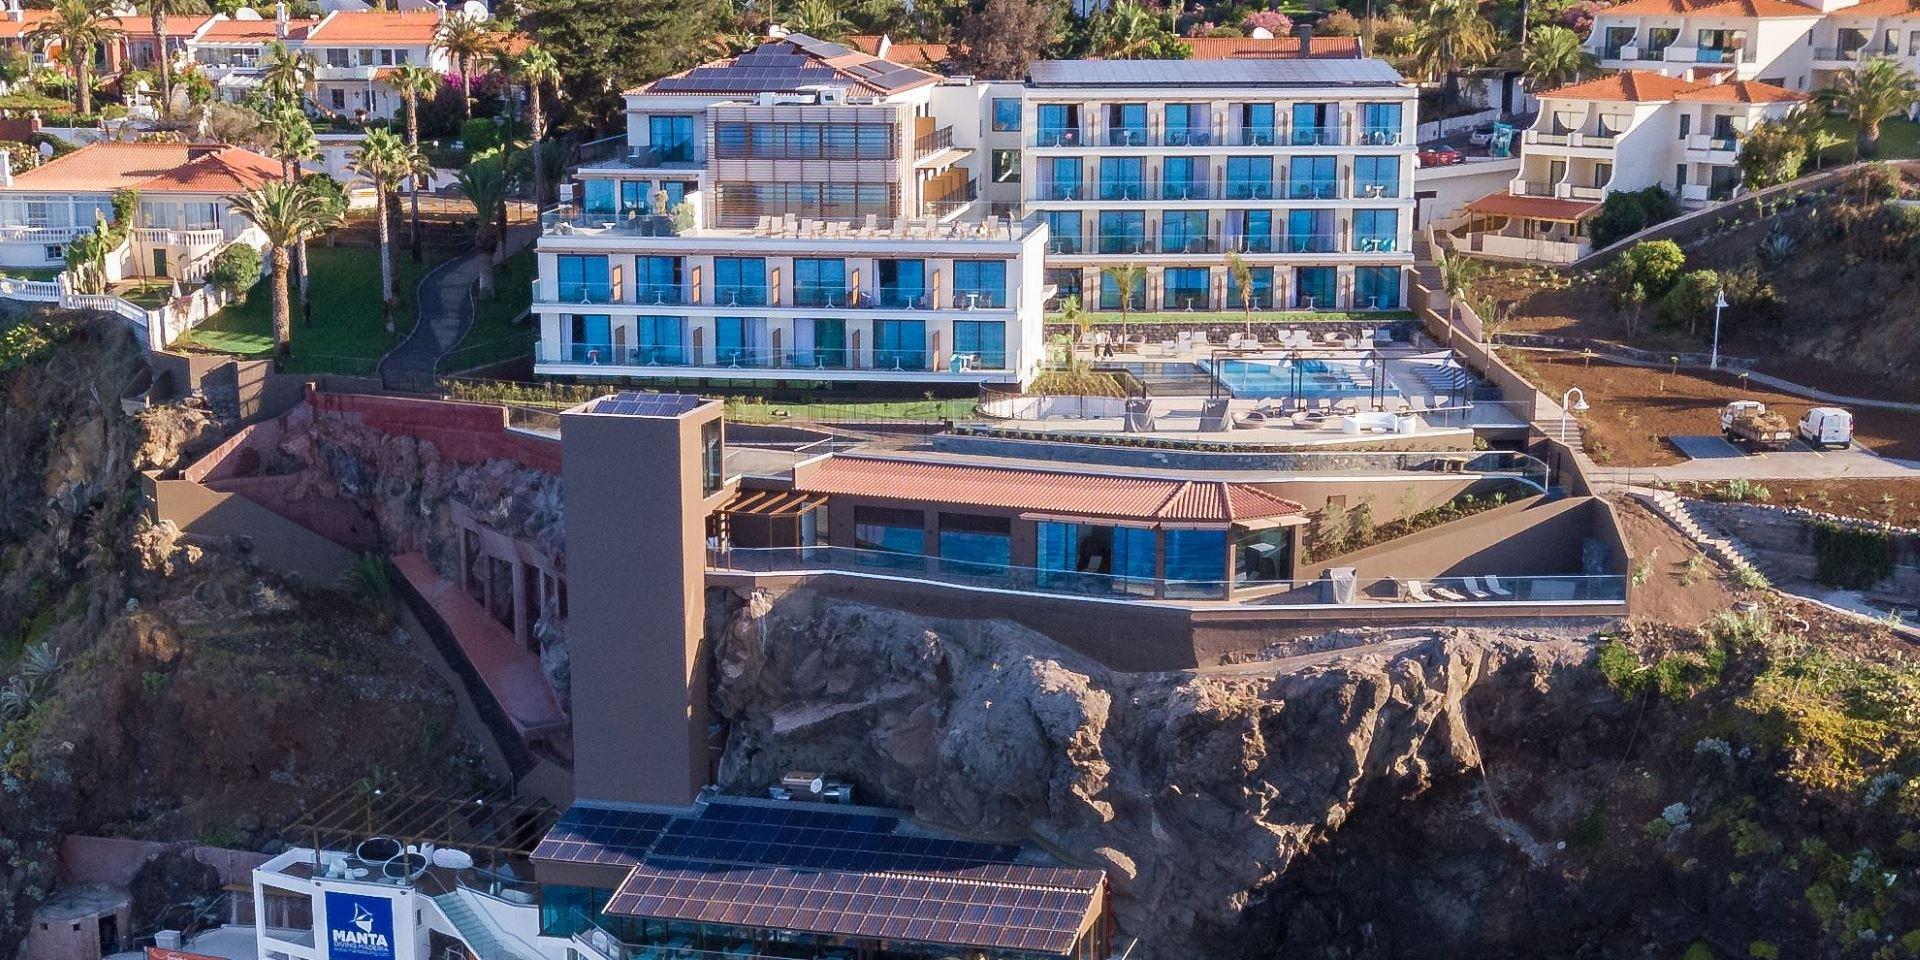 Steuler Pool Linings Galomar Hotel Aerial detail